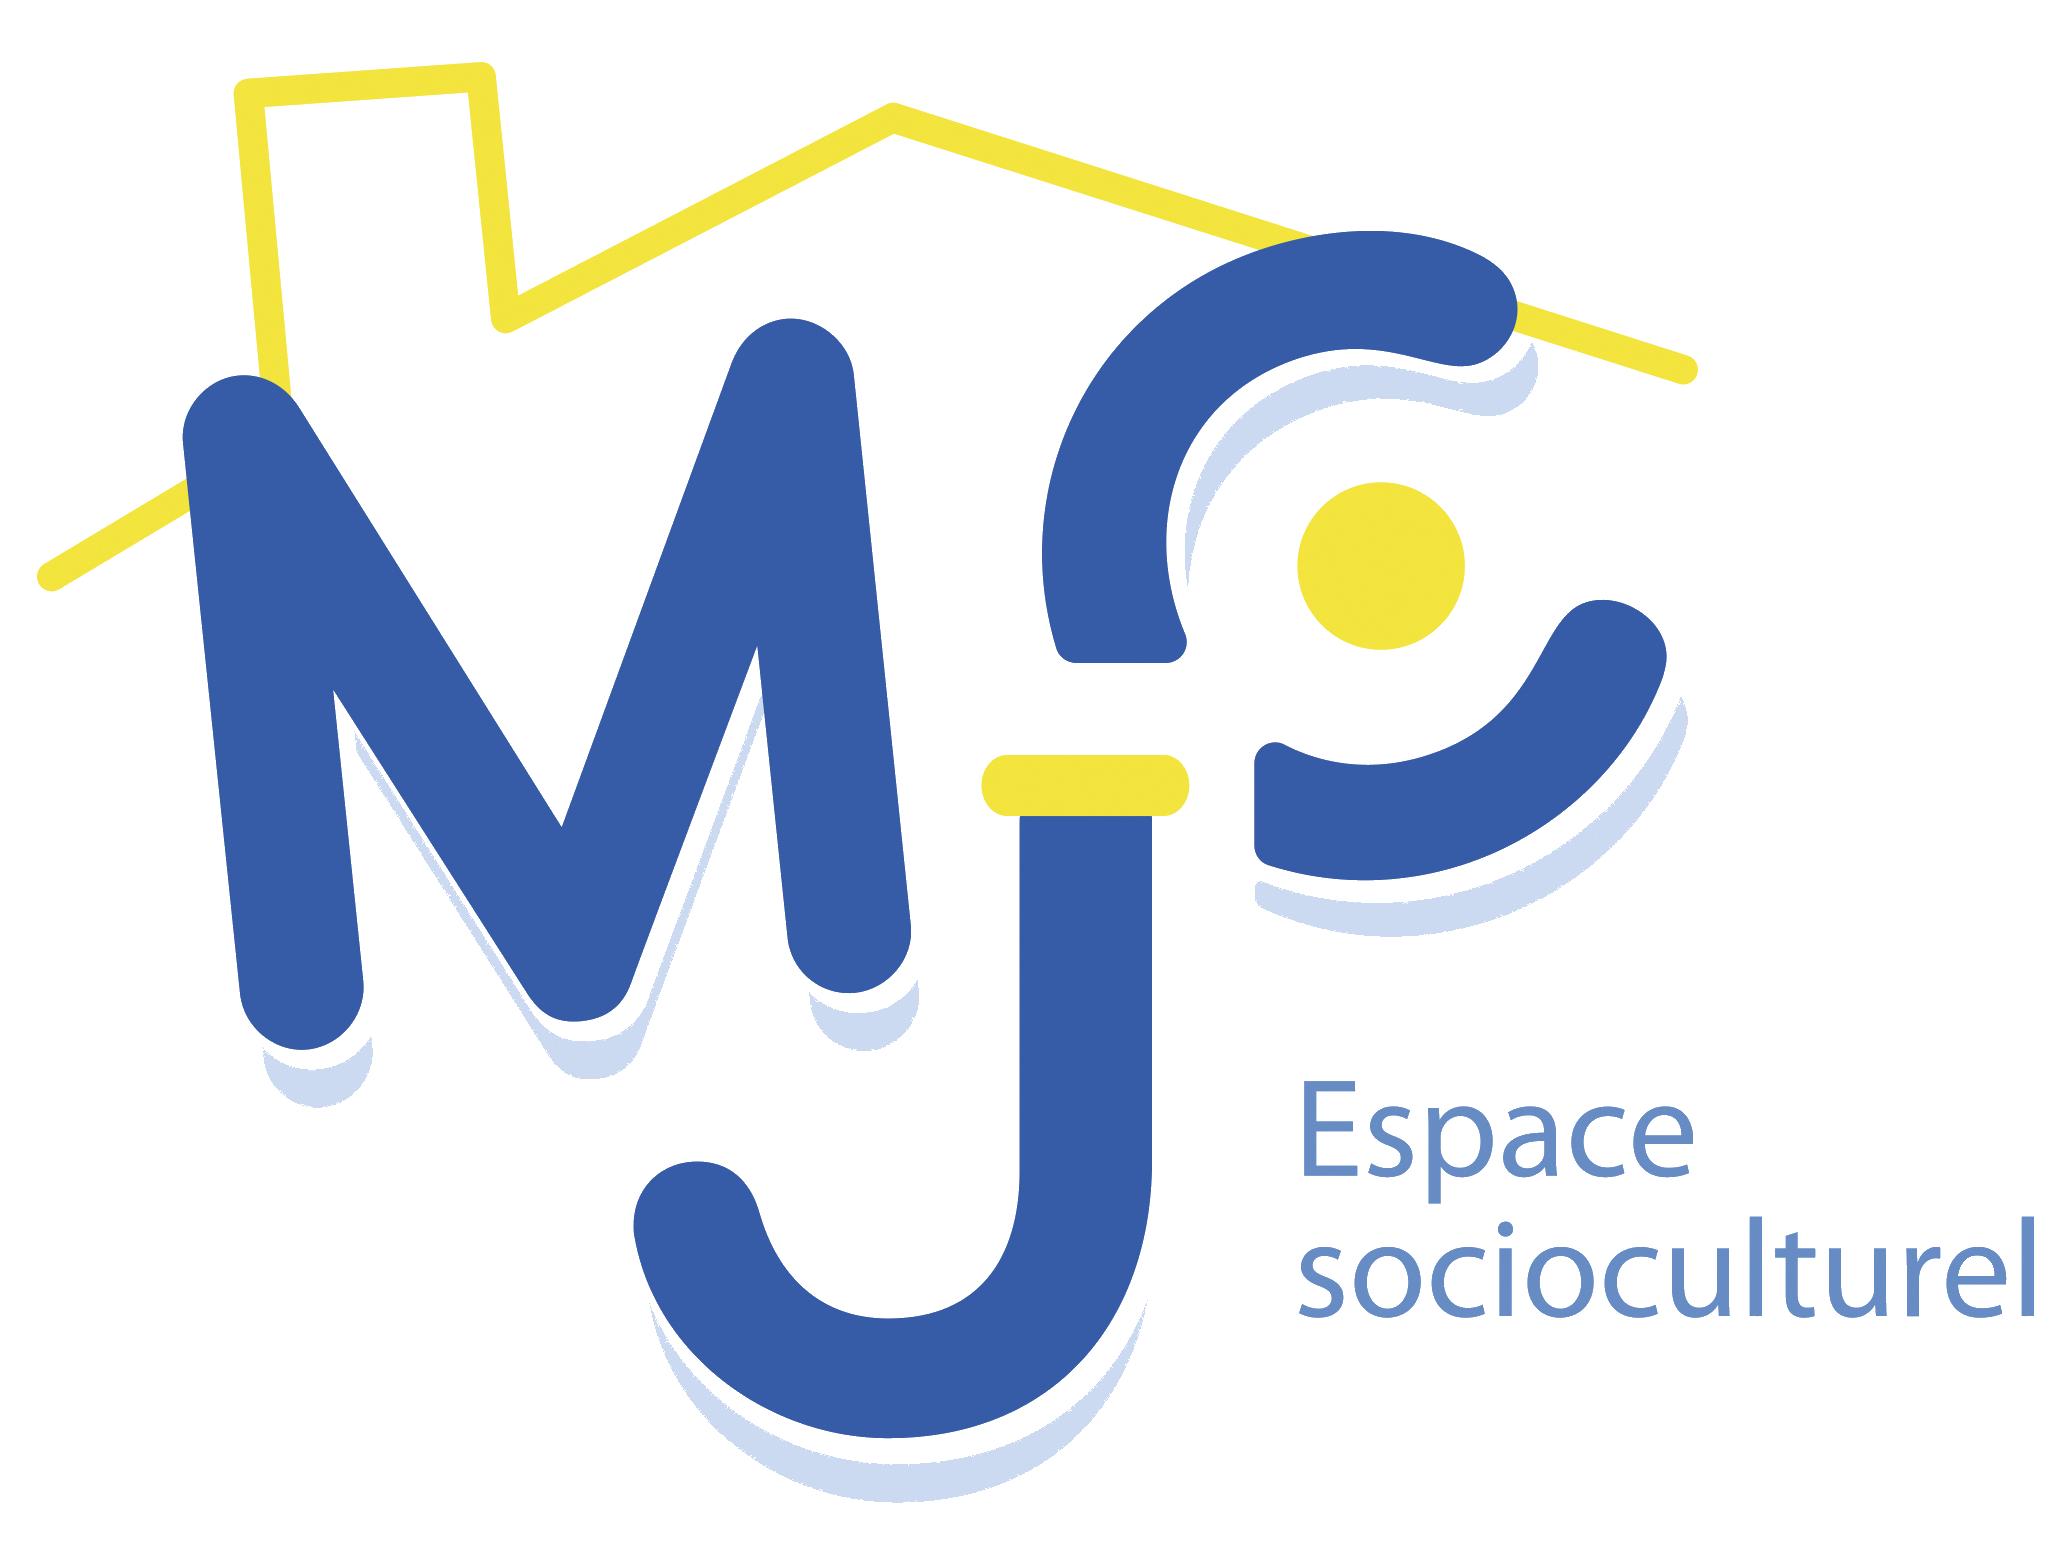 La MJC de Guipry Messac recrute un.e coordinateur.trice de vie sociale et socioculturelle